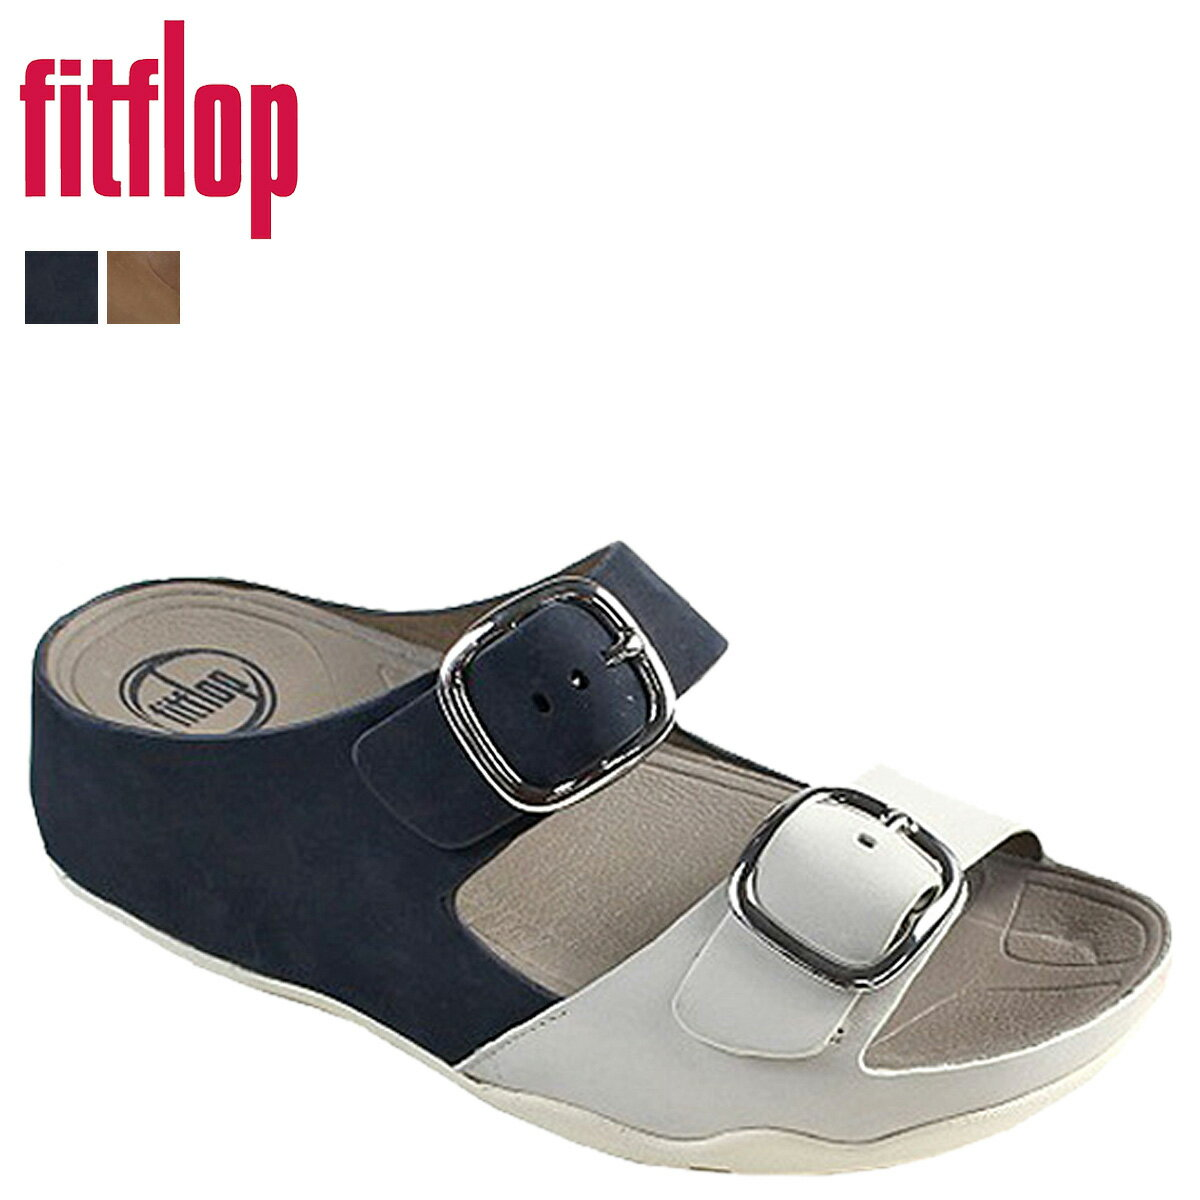 afc614a76a3785 Fitflop Store Saudi Arabia